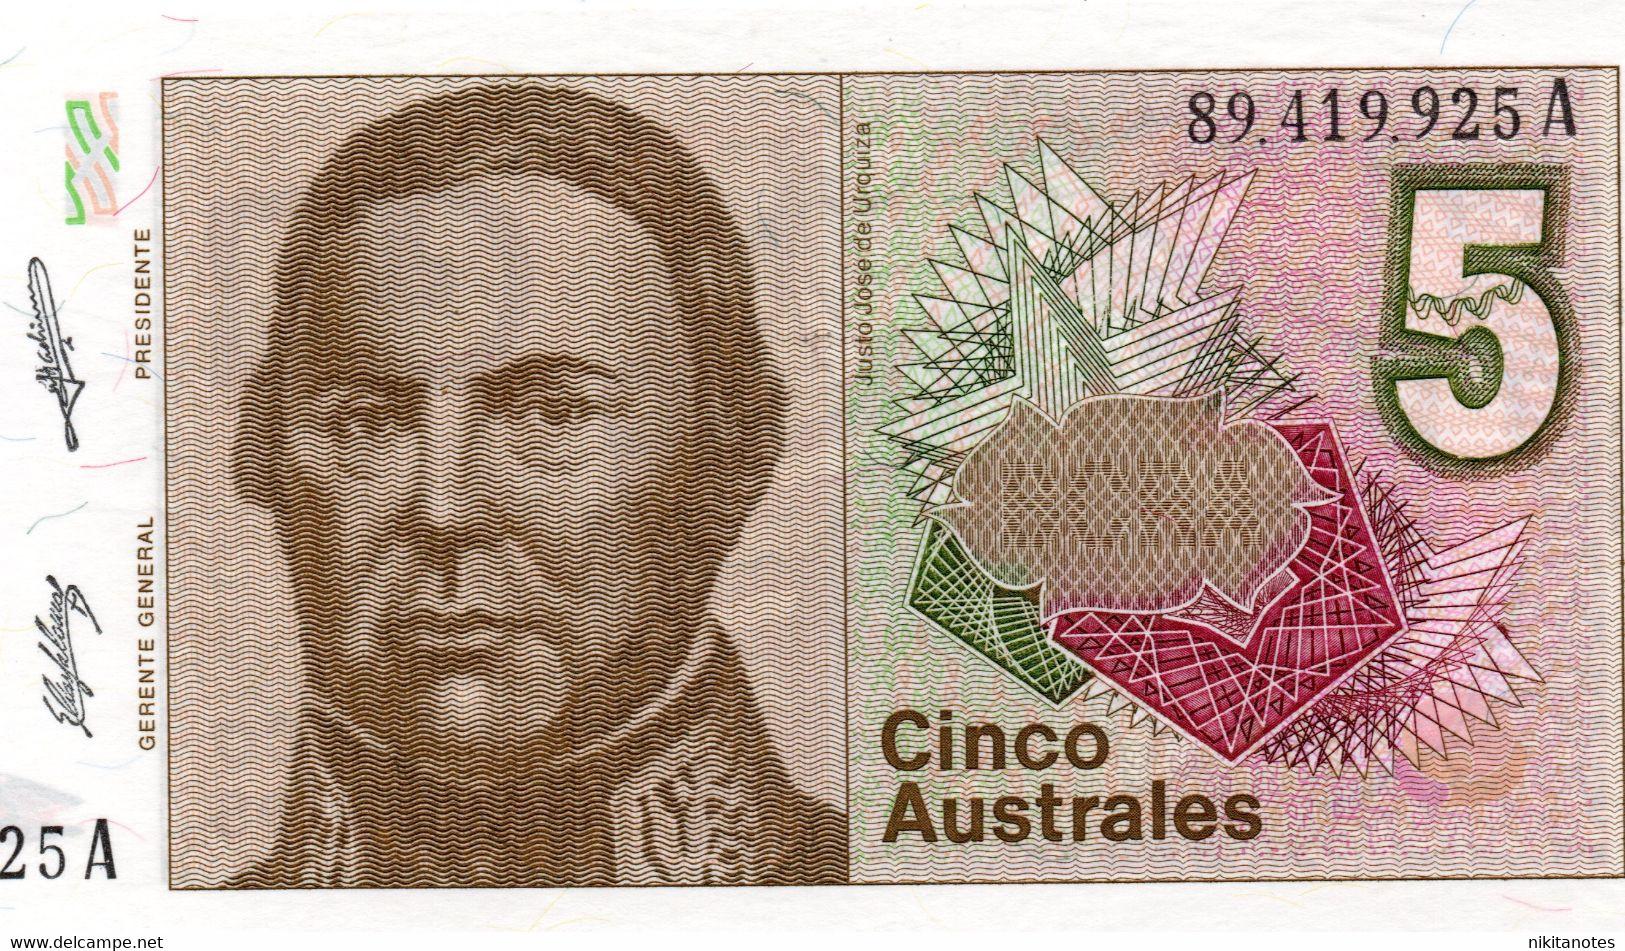 BOLIVIA 5 BOLIVIANOS 1945 P.138 SIMON BOLIVAR Vf - Bolivia